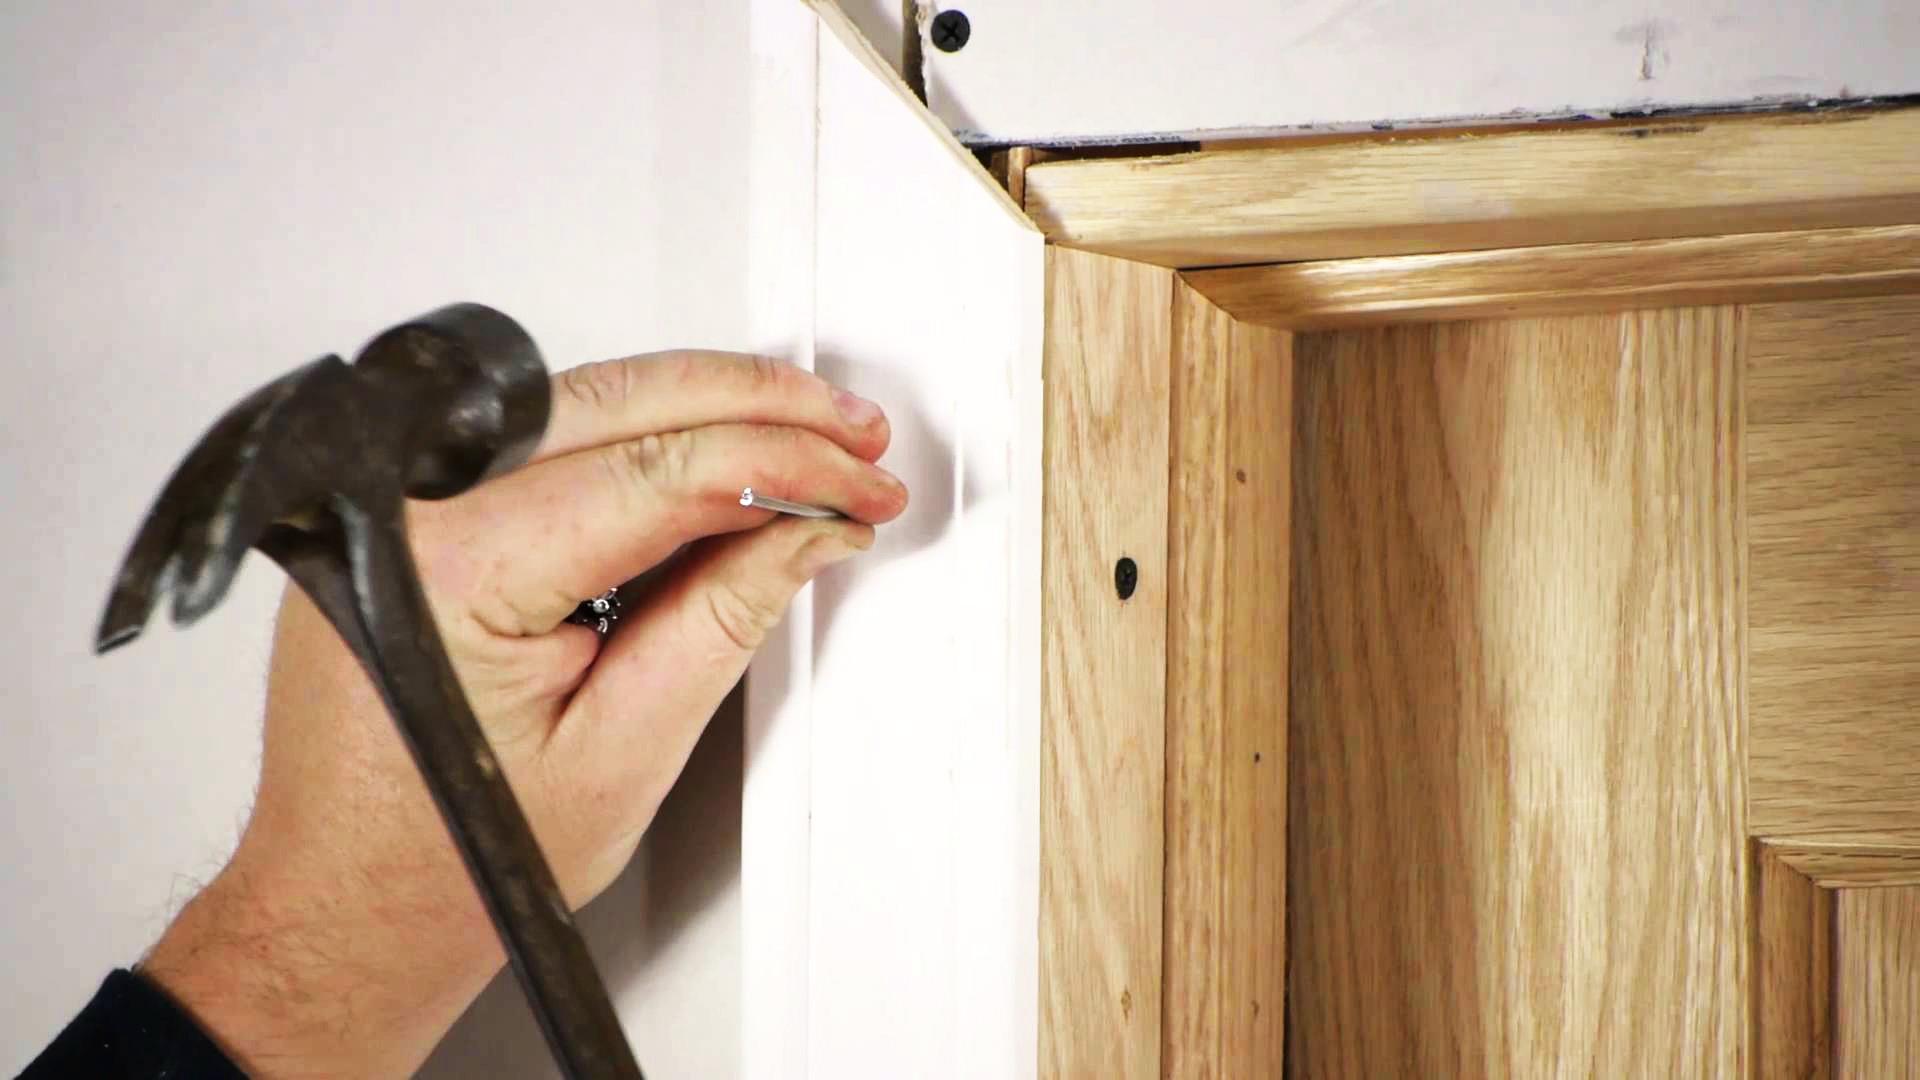 Установка межкомнатных дверей в квартире своими руками 53